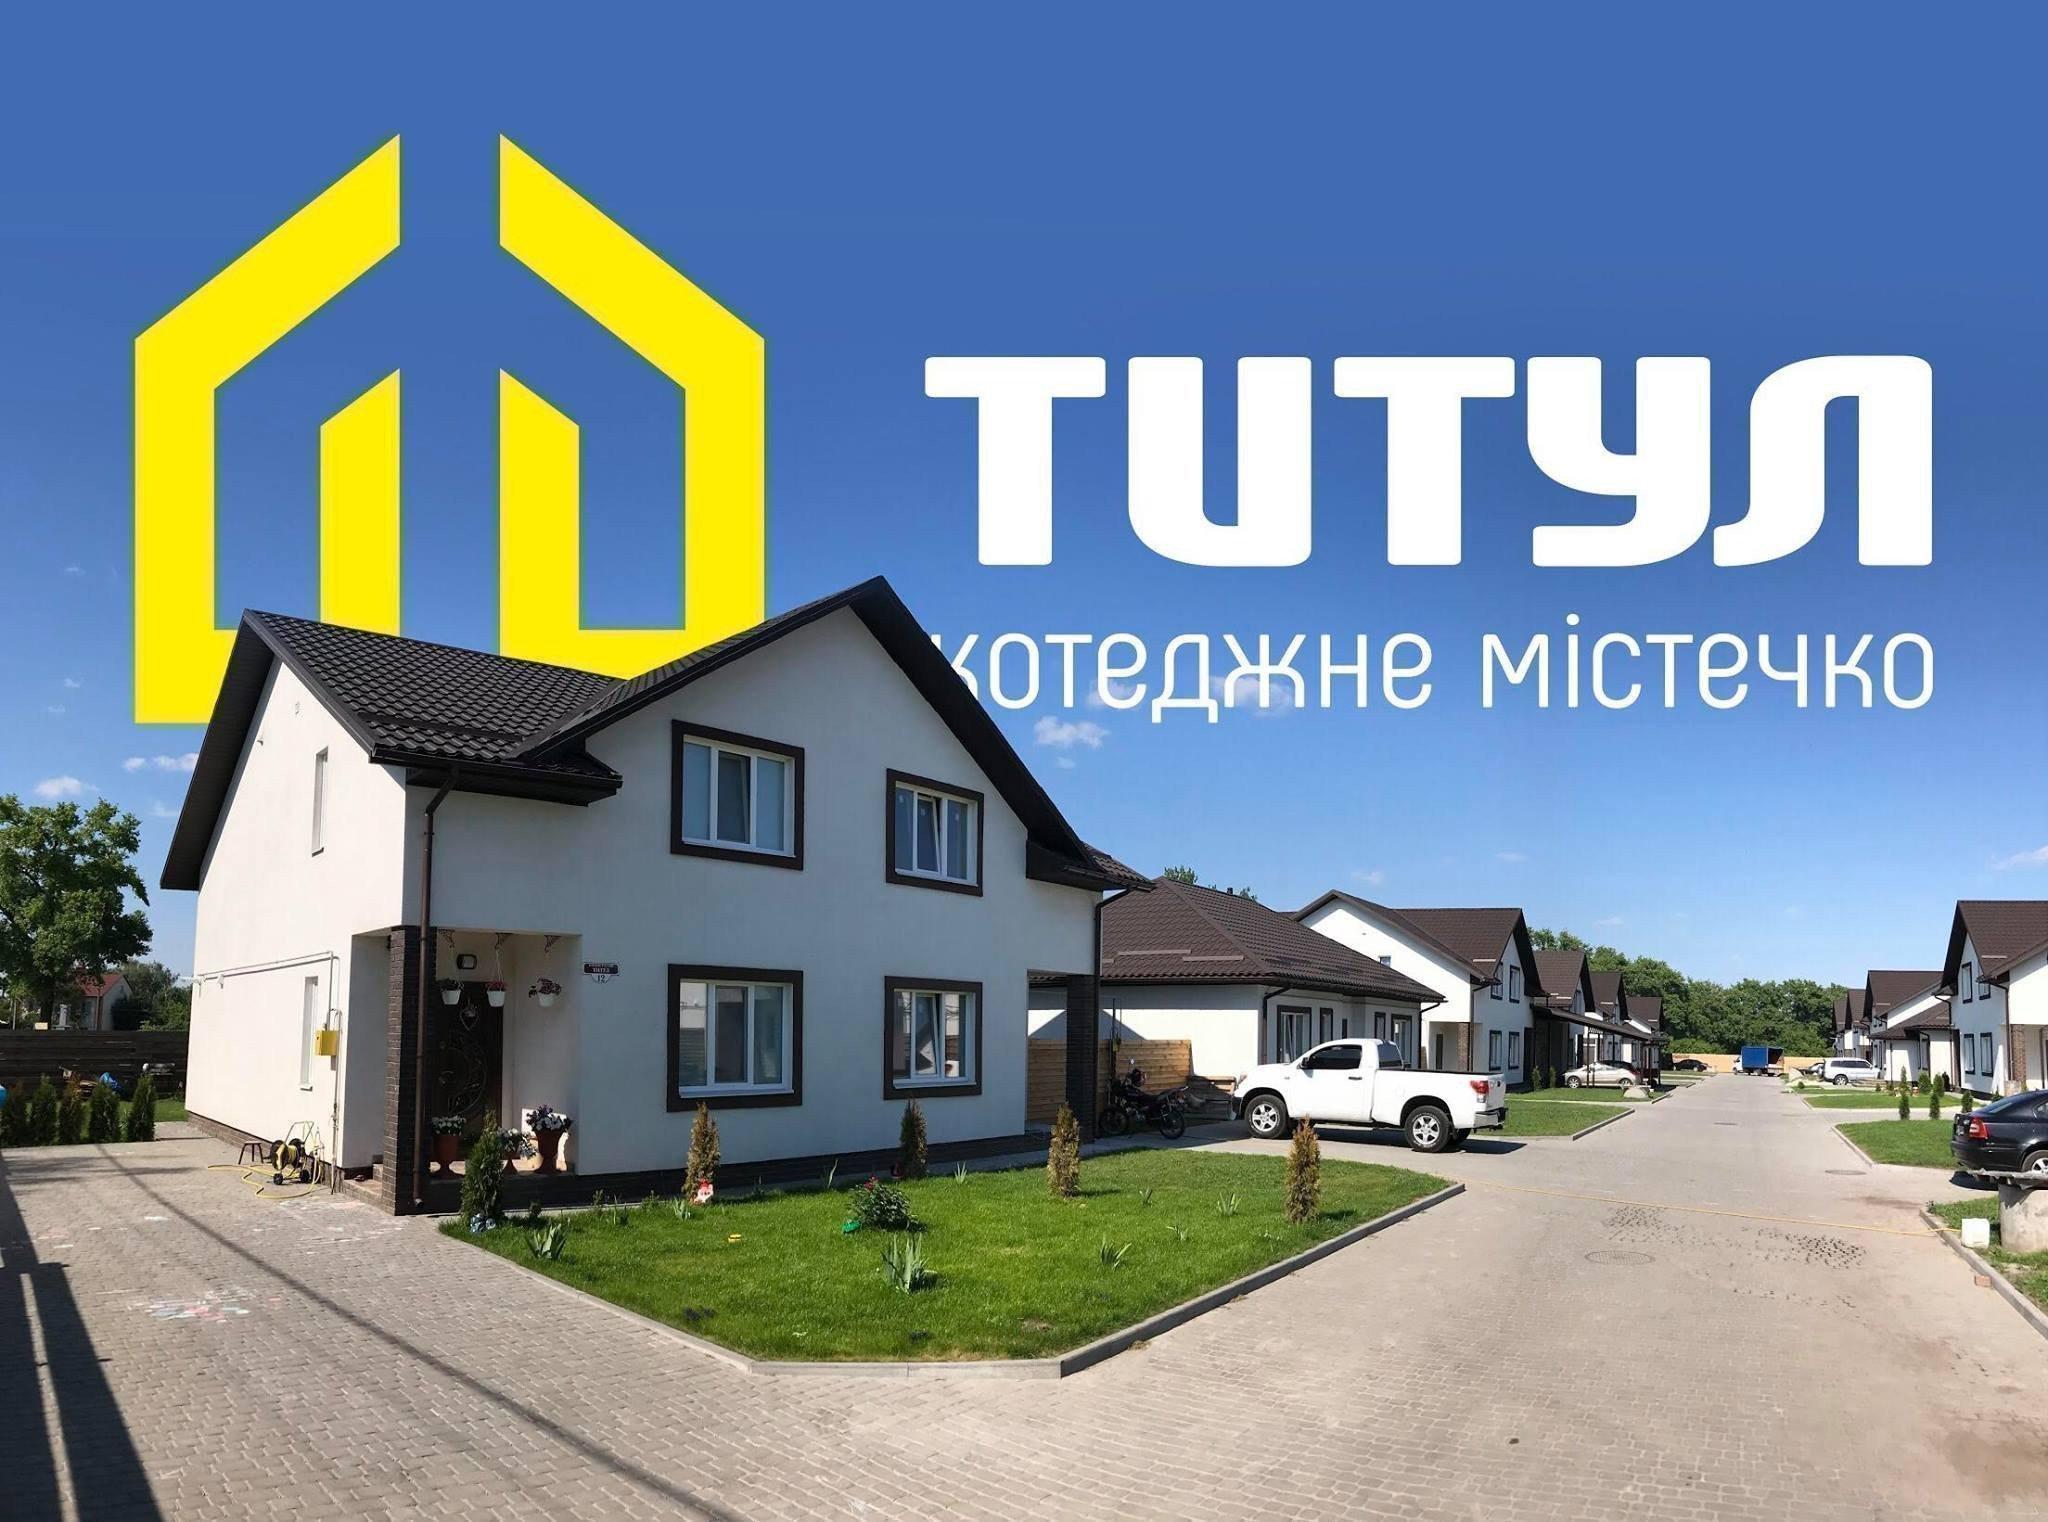 Купити котеджне містечко «Титул» котеджне містечко